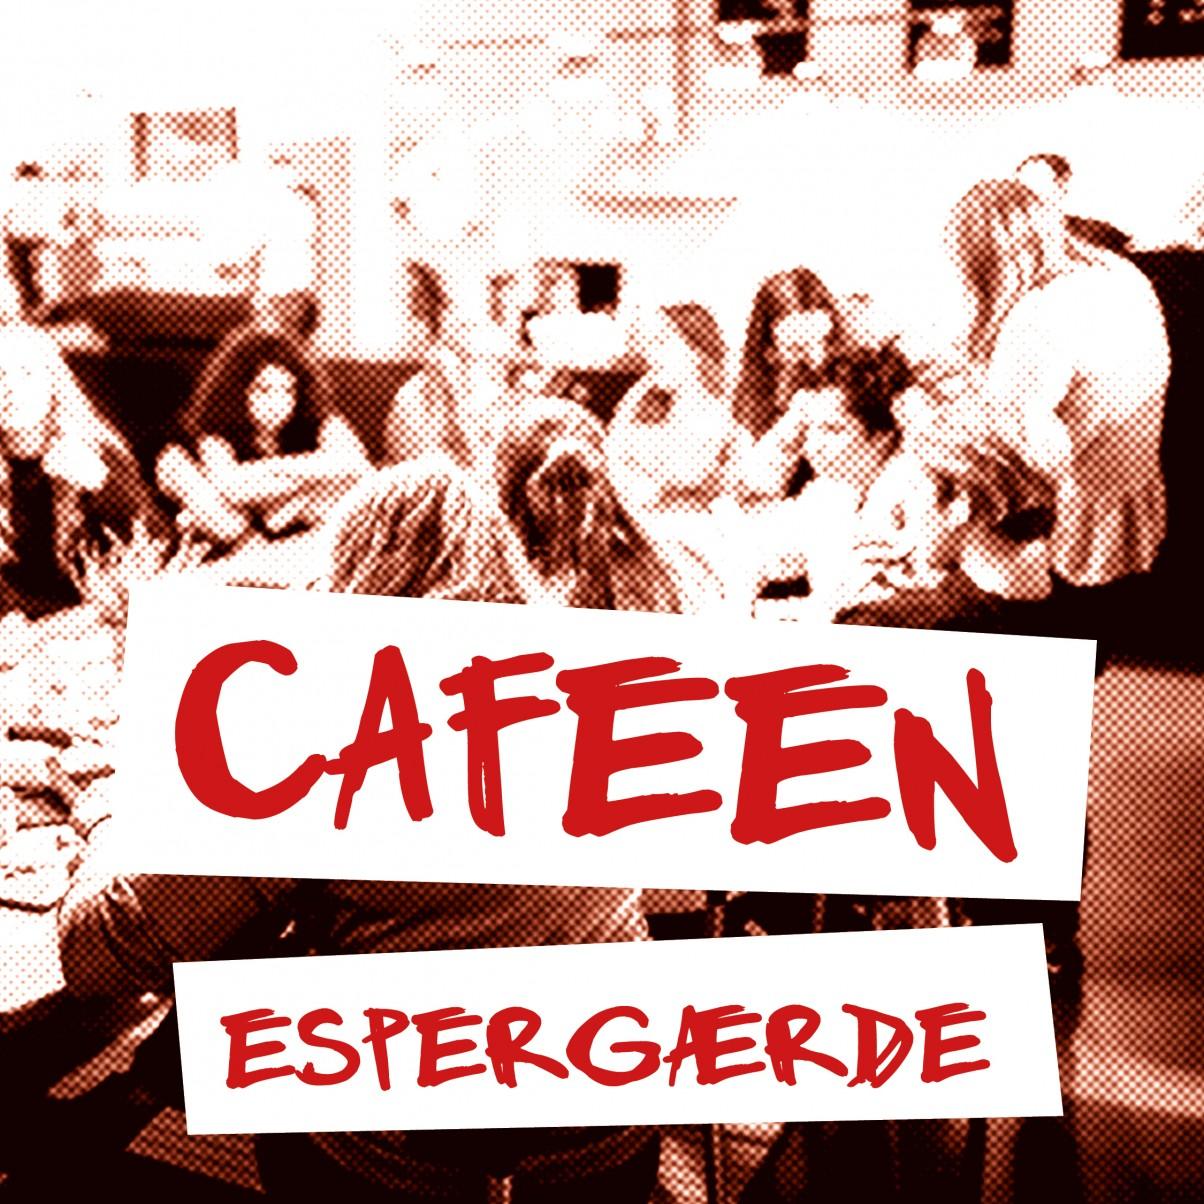 cafeen_espergærde_square